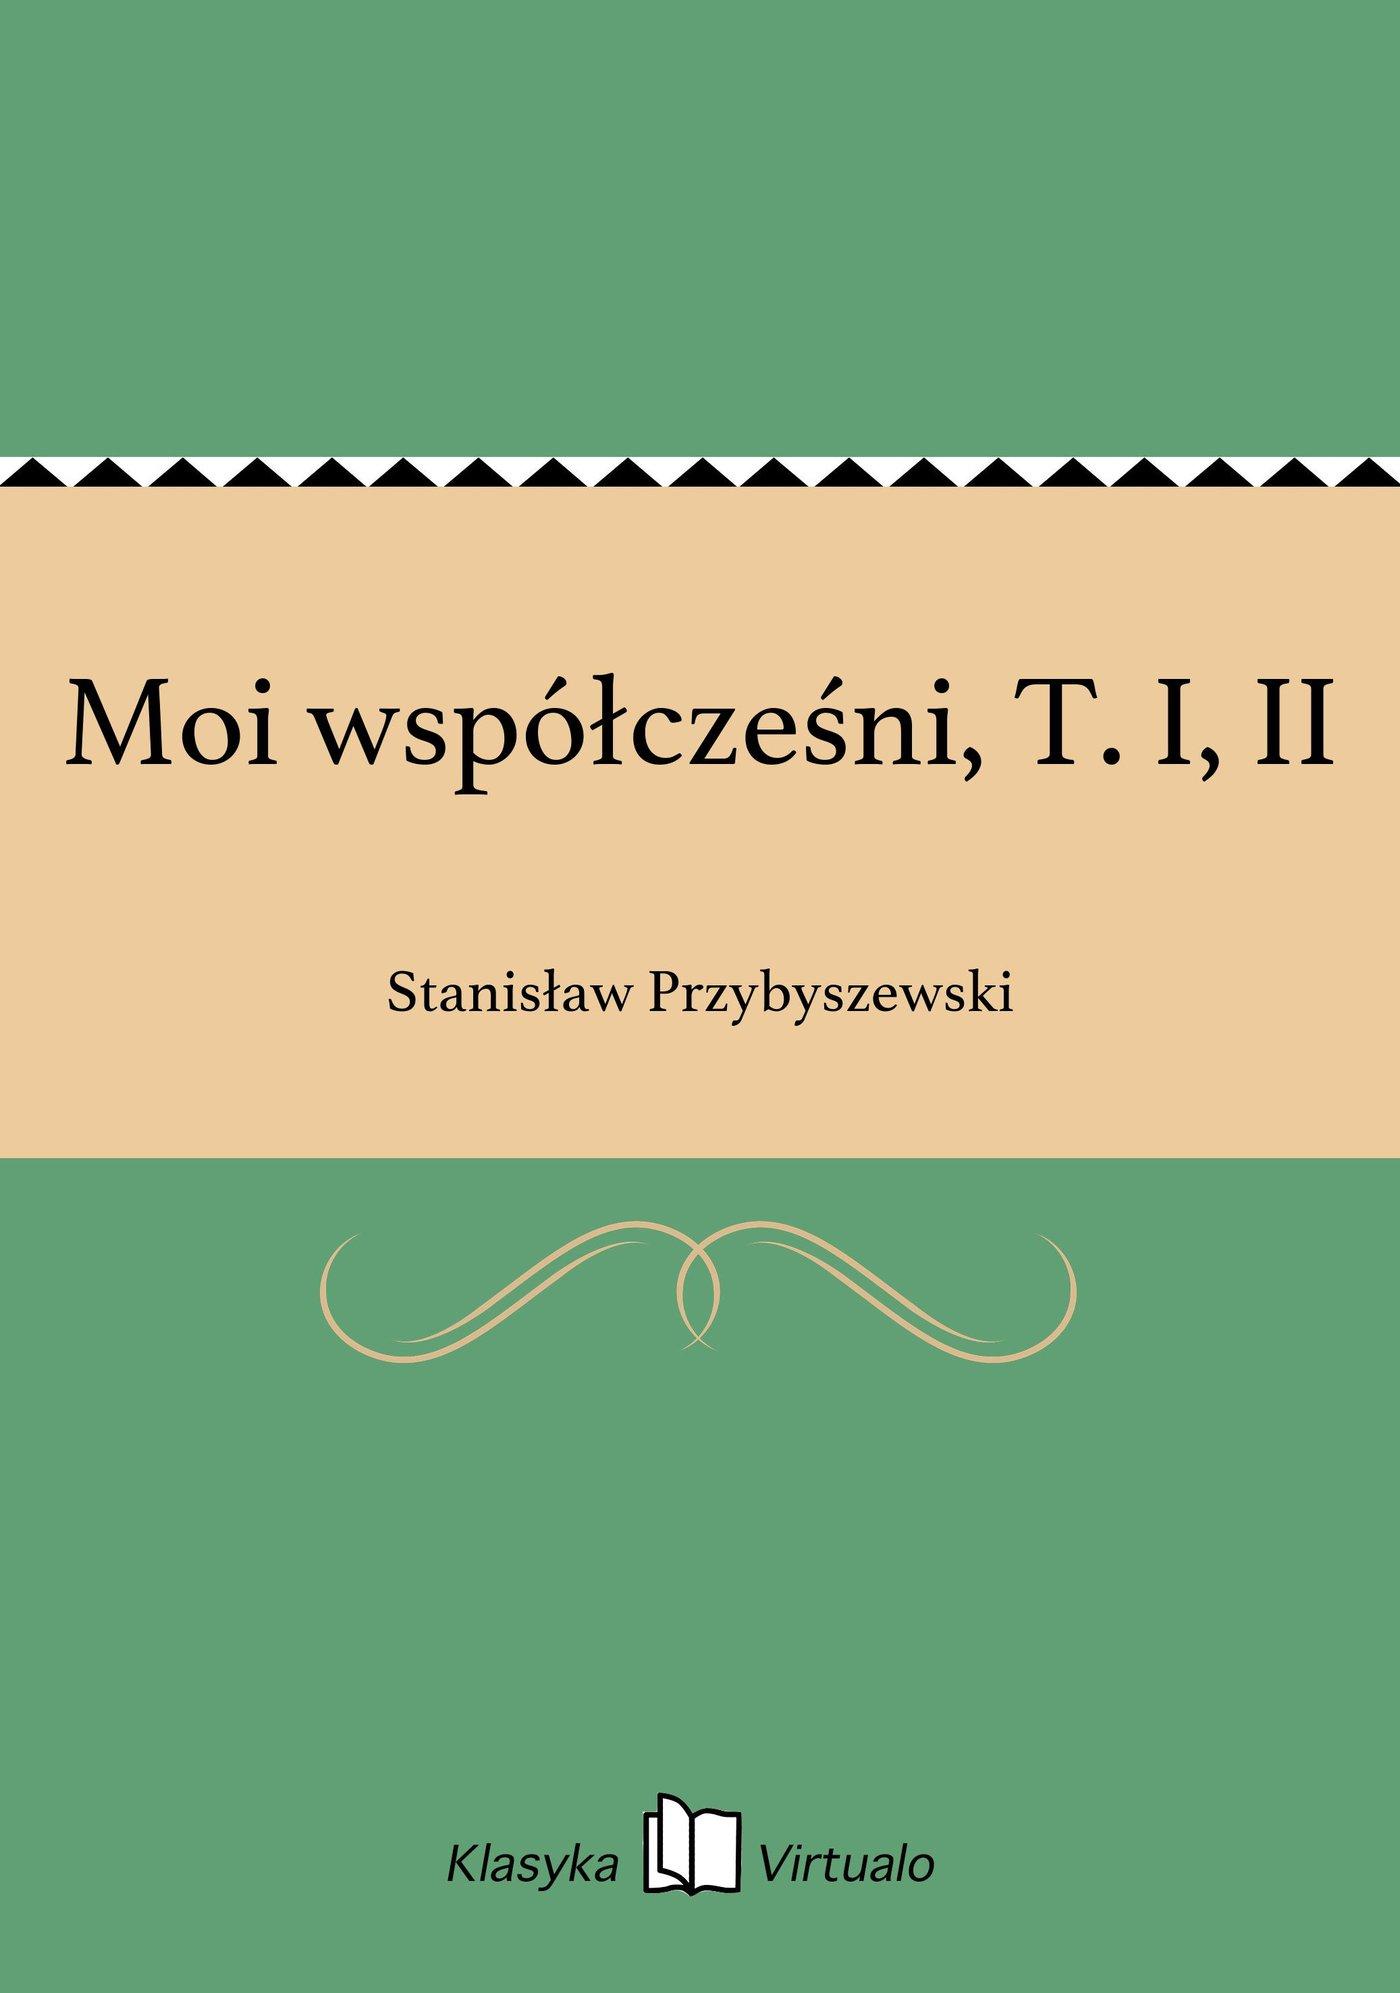 Moi współcześni, T. I, II - Ebook (Książka EPUB) do pobrania w formacie EPUB